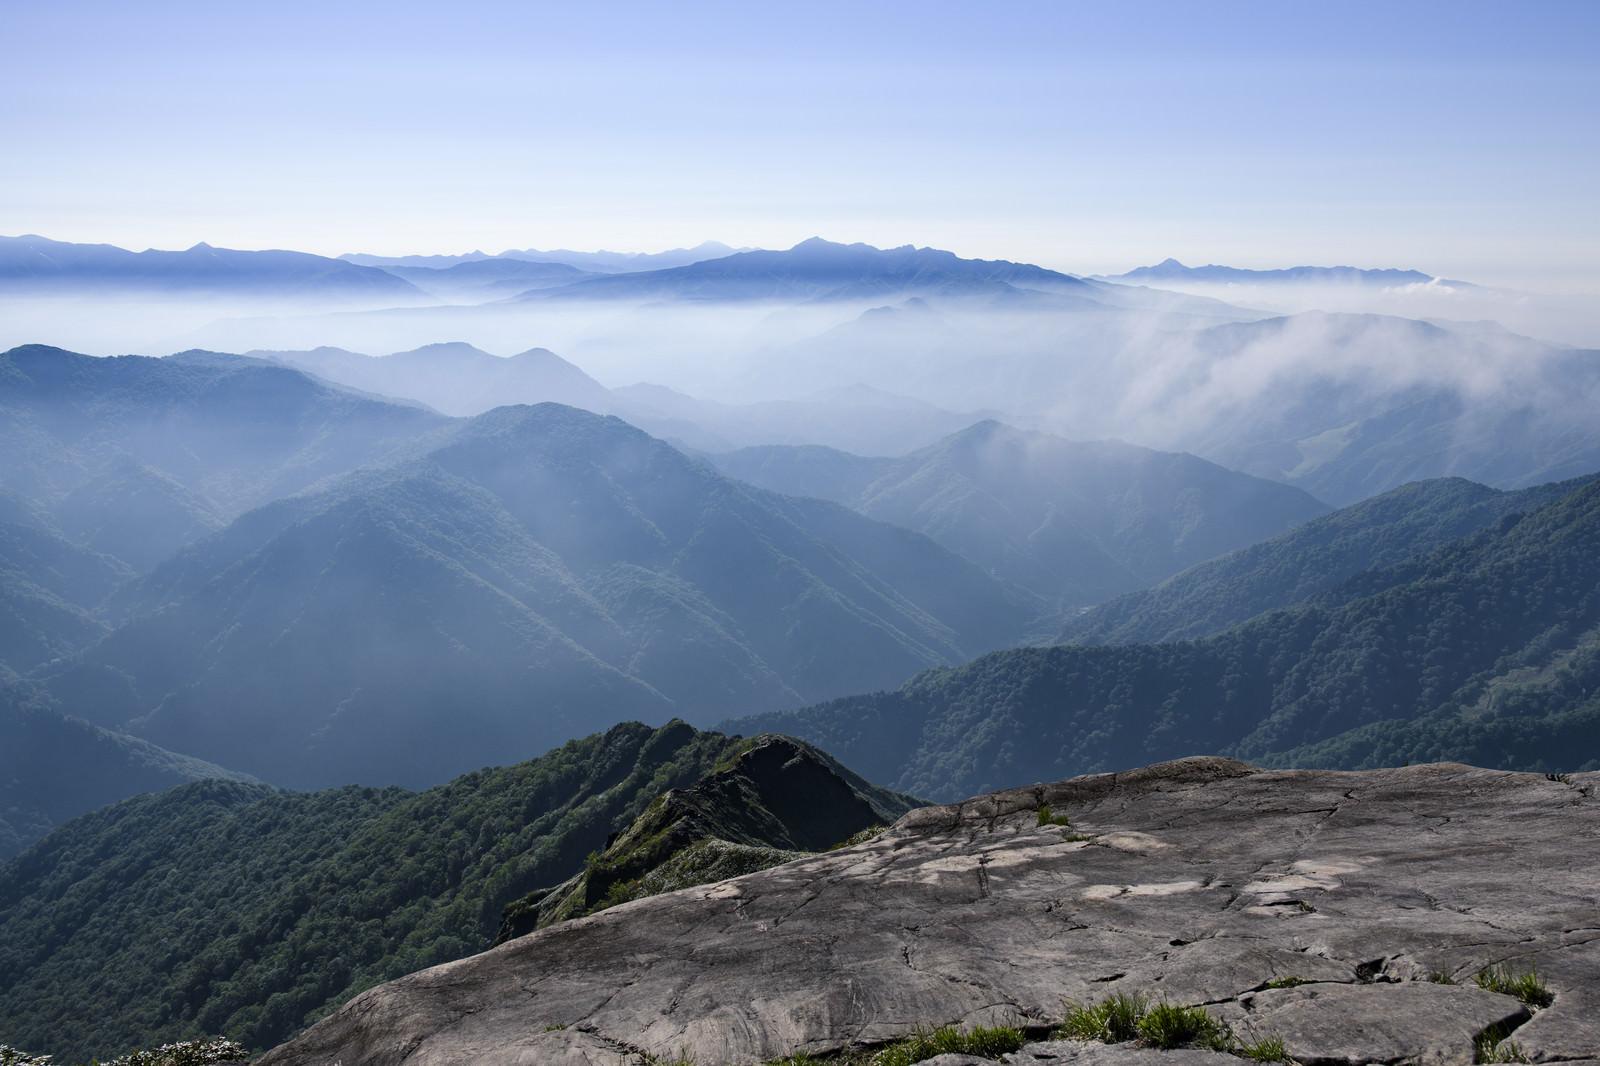 「西黒尾根から見る谷川南部の山々」の写真